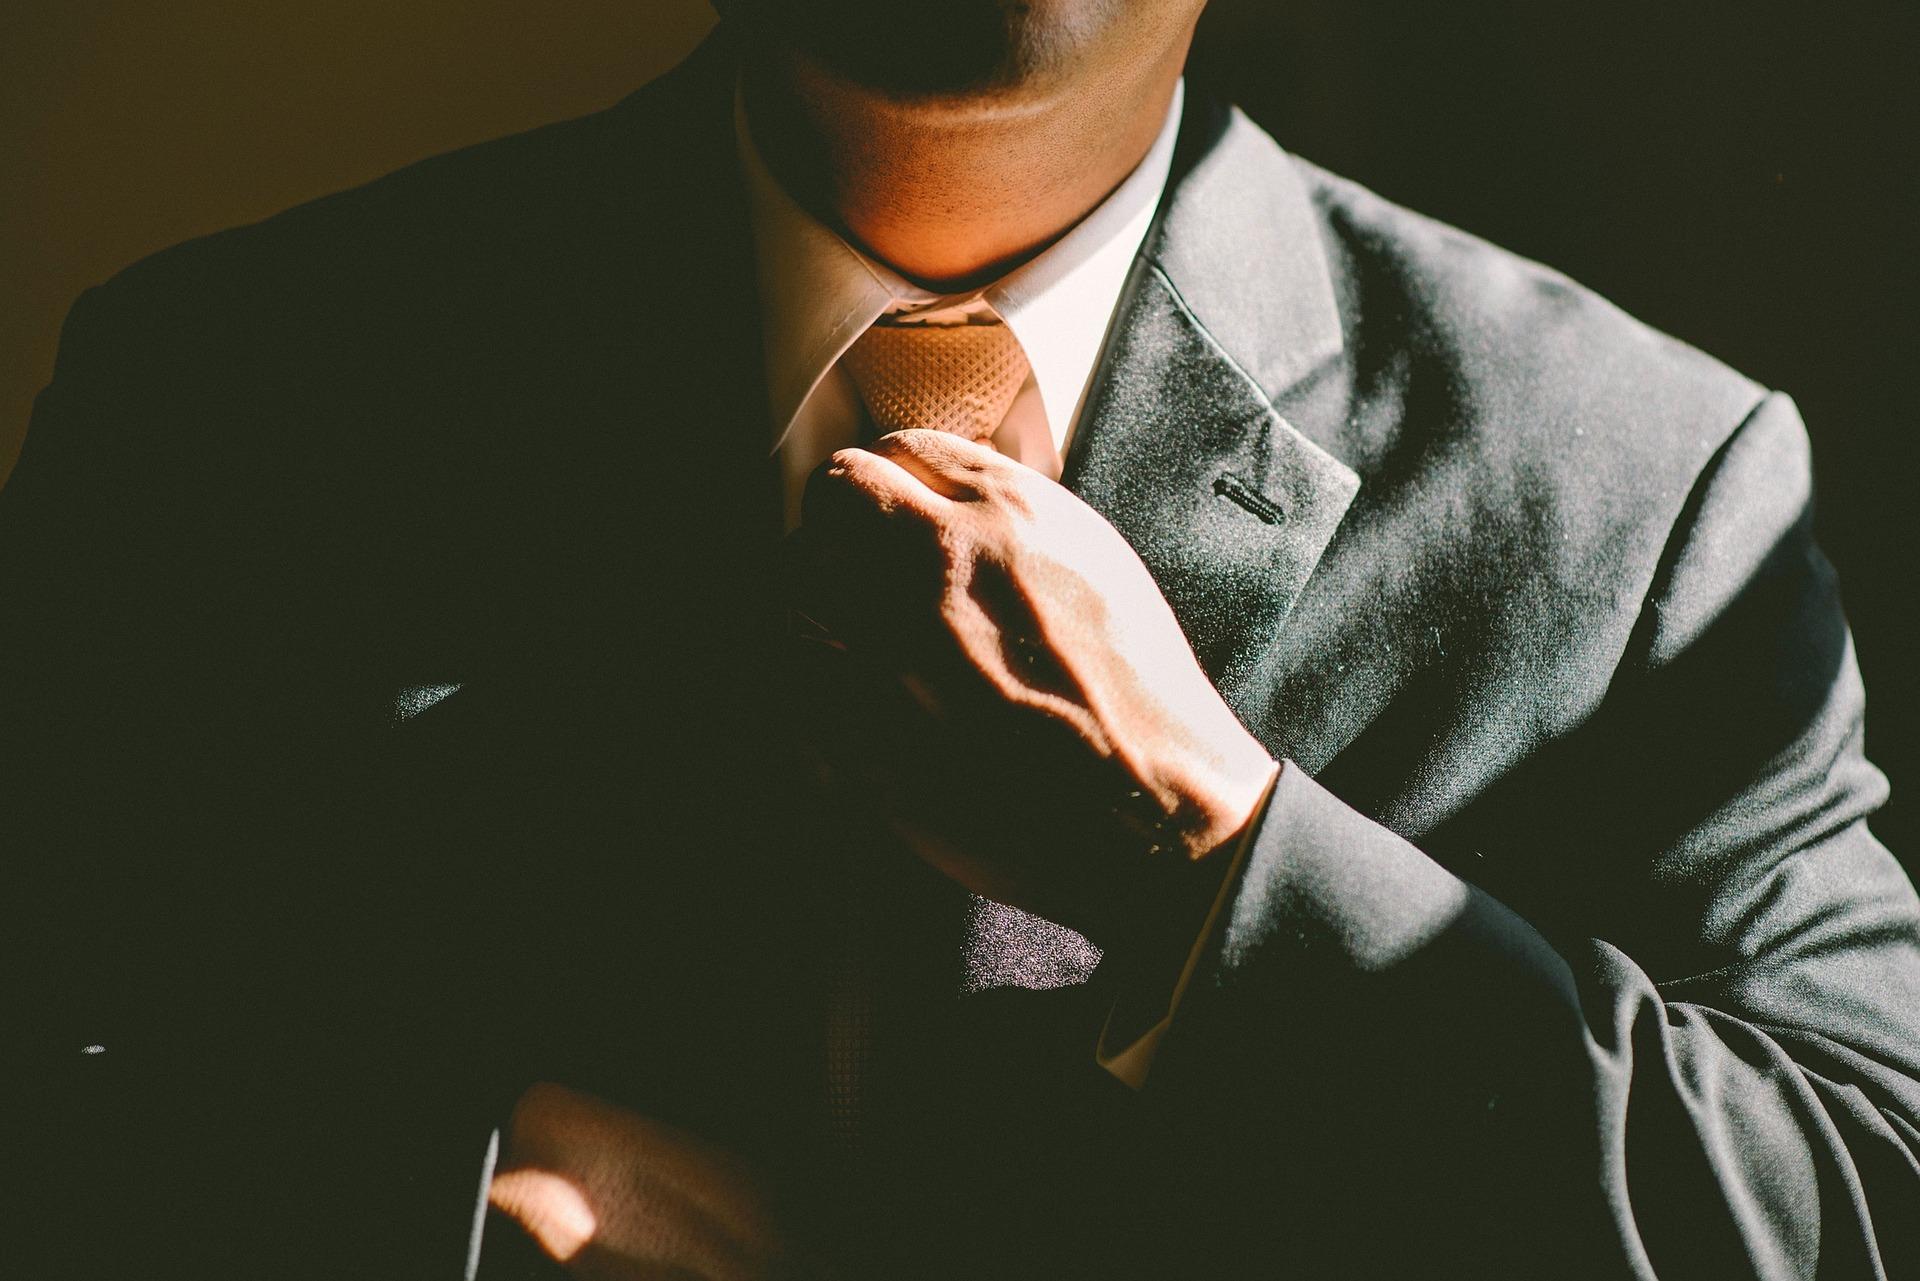 חברות השמה הייטק – למצוא את העבודה הנכונה